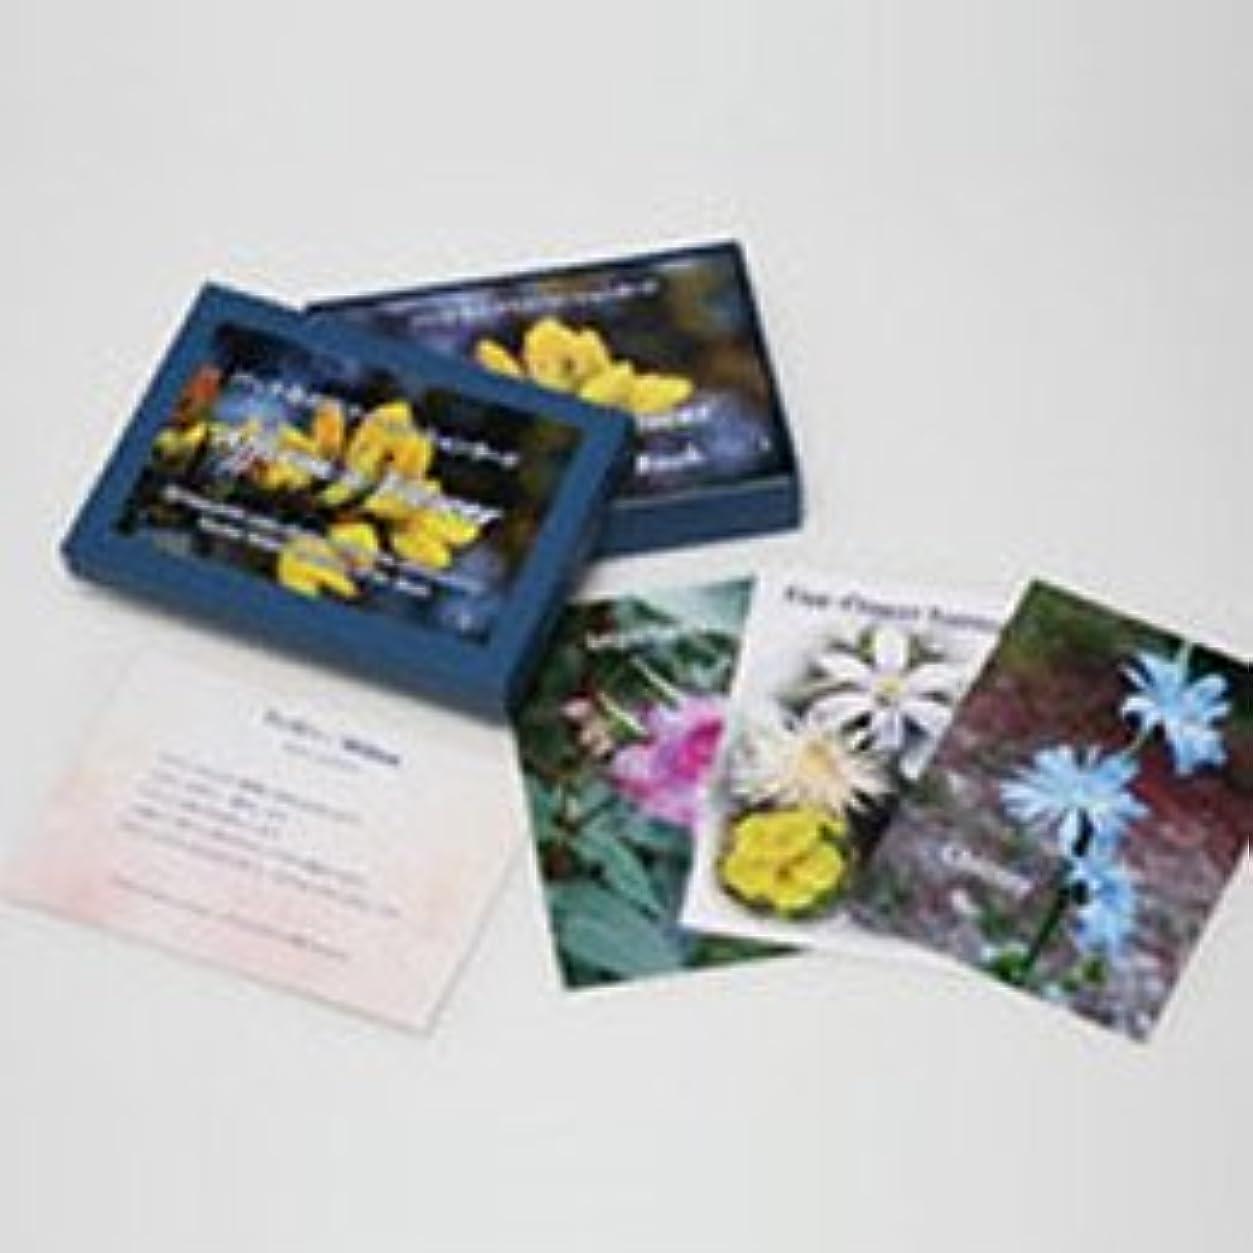 アテンダント実際に懲戒バッチアファメーションカード(38枚) 日本国内正規品